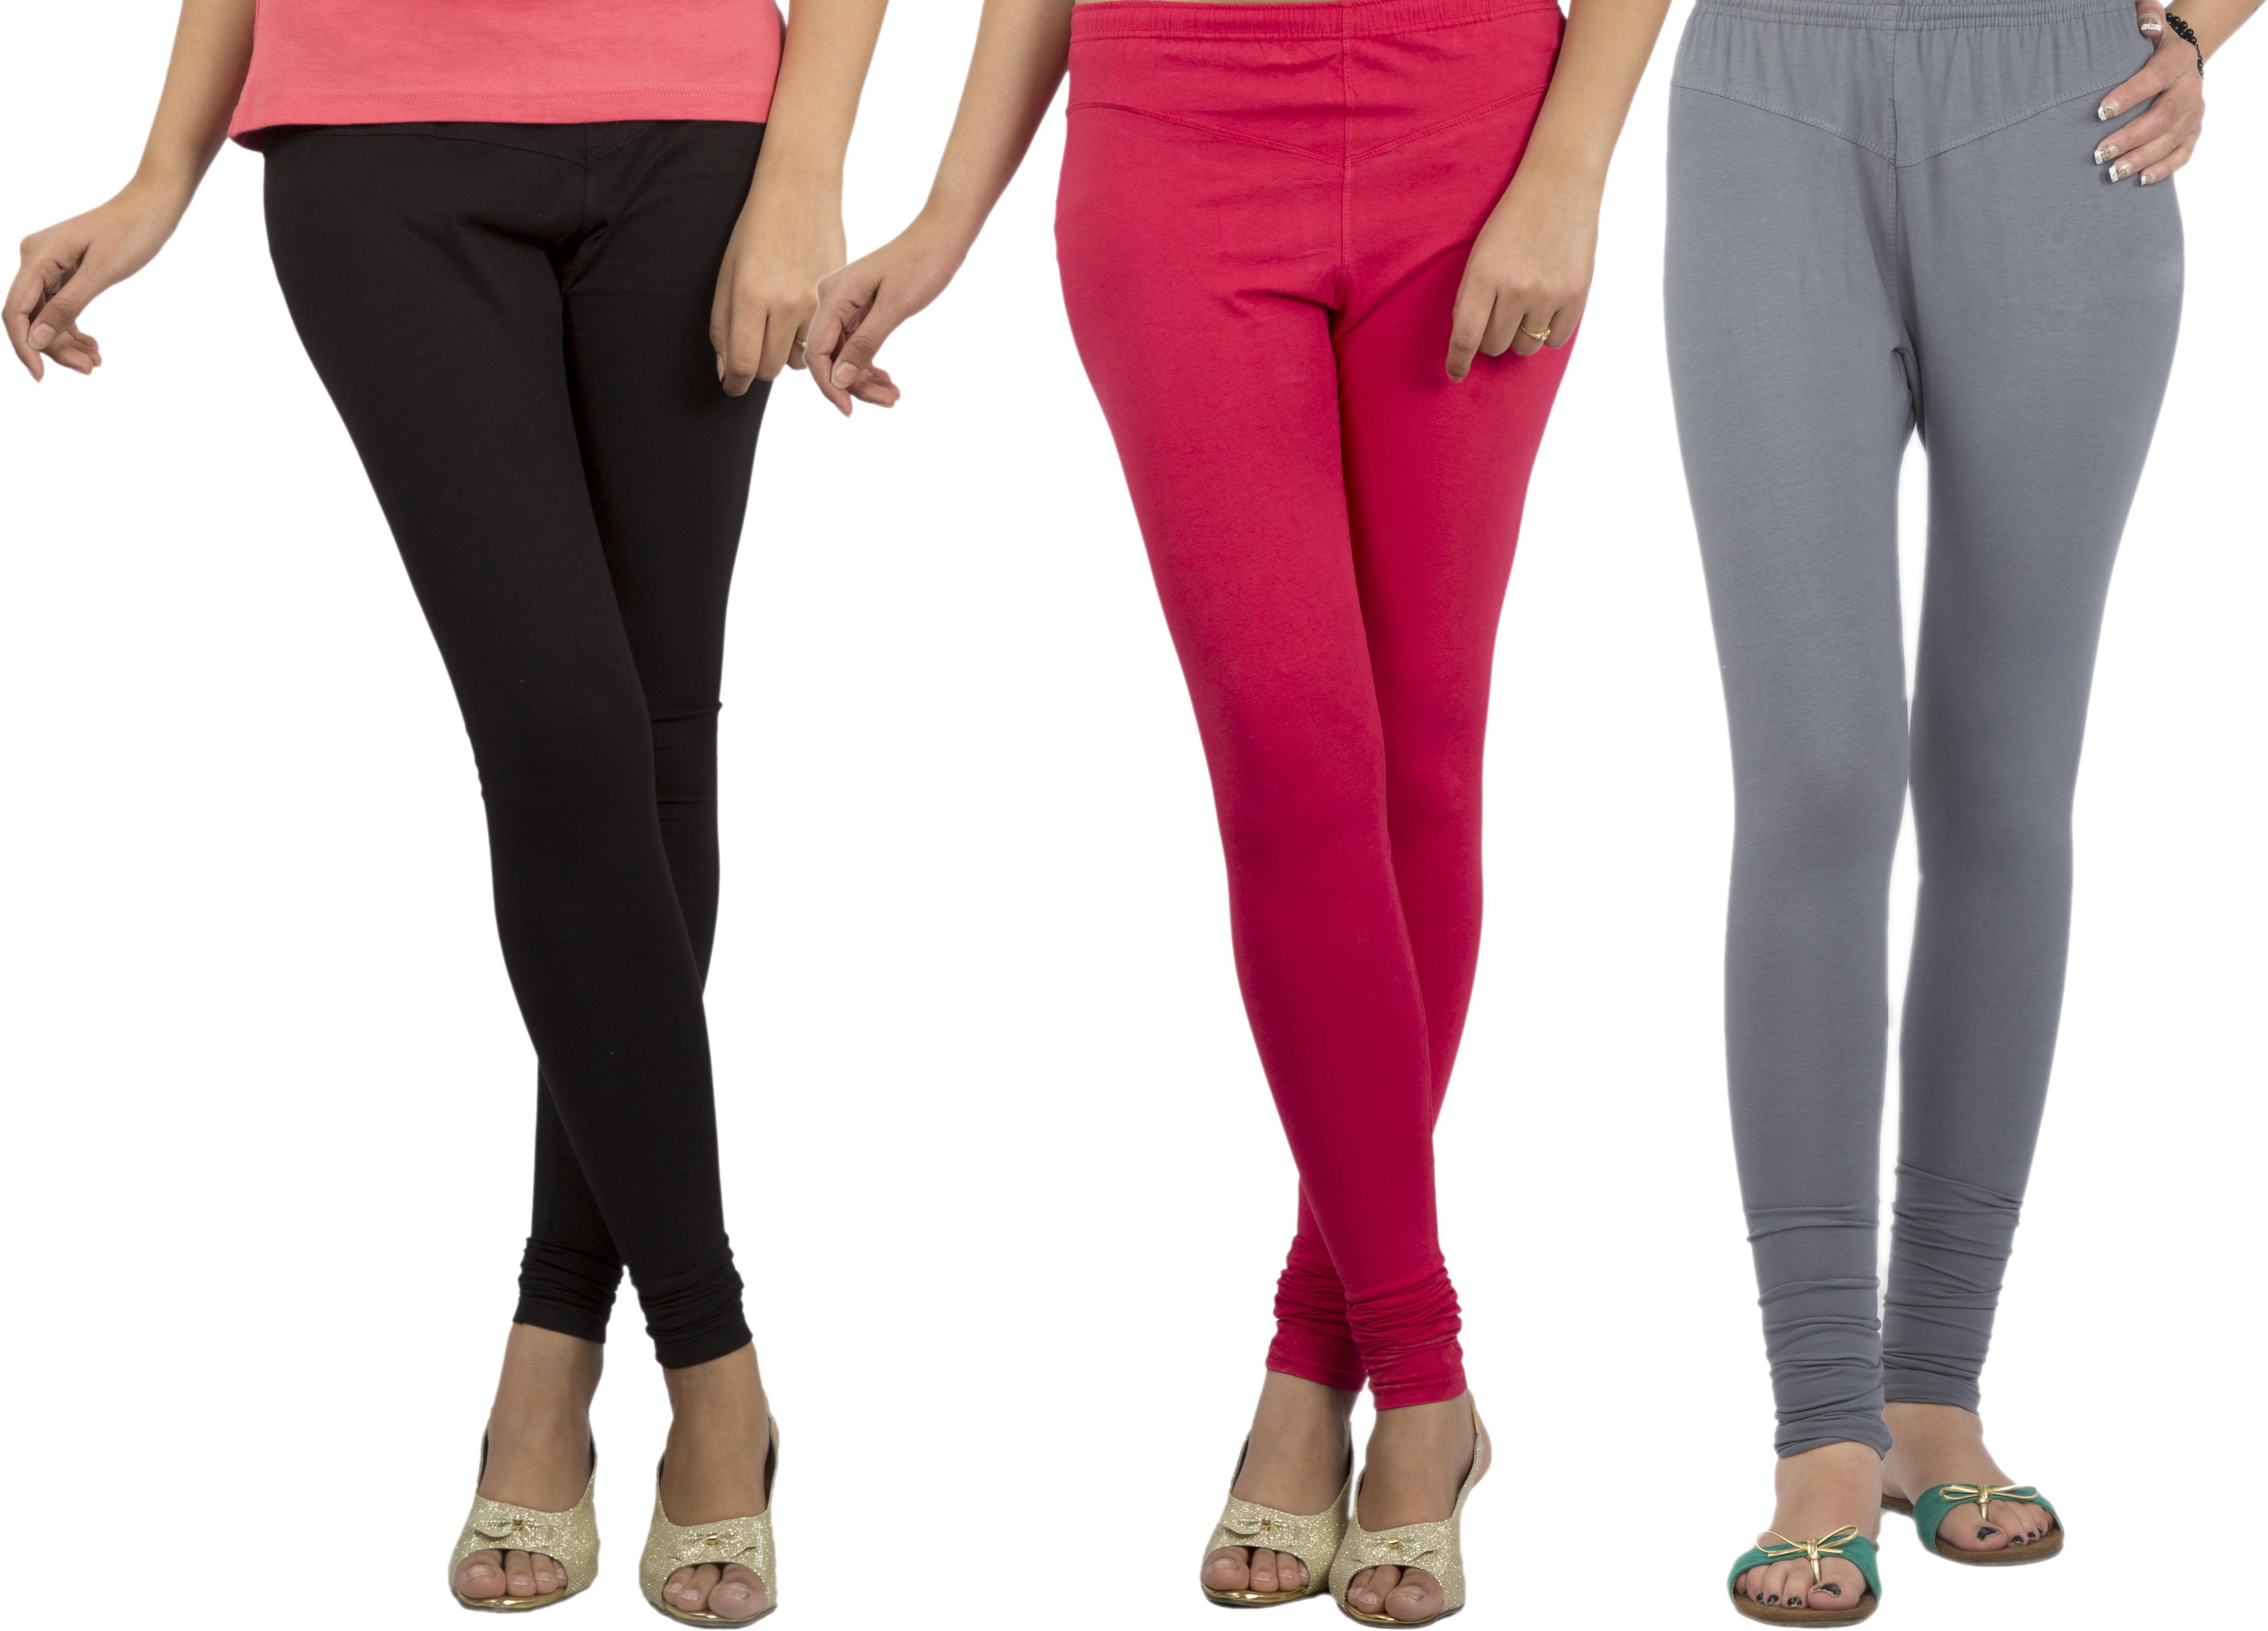 Jublee Womens Pink, Grey, Black Leggings(Pack of 3)